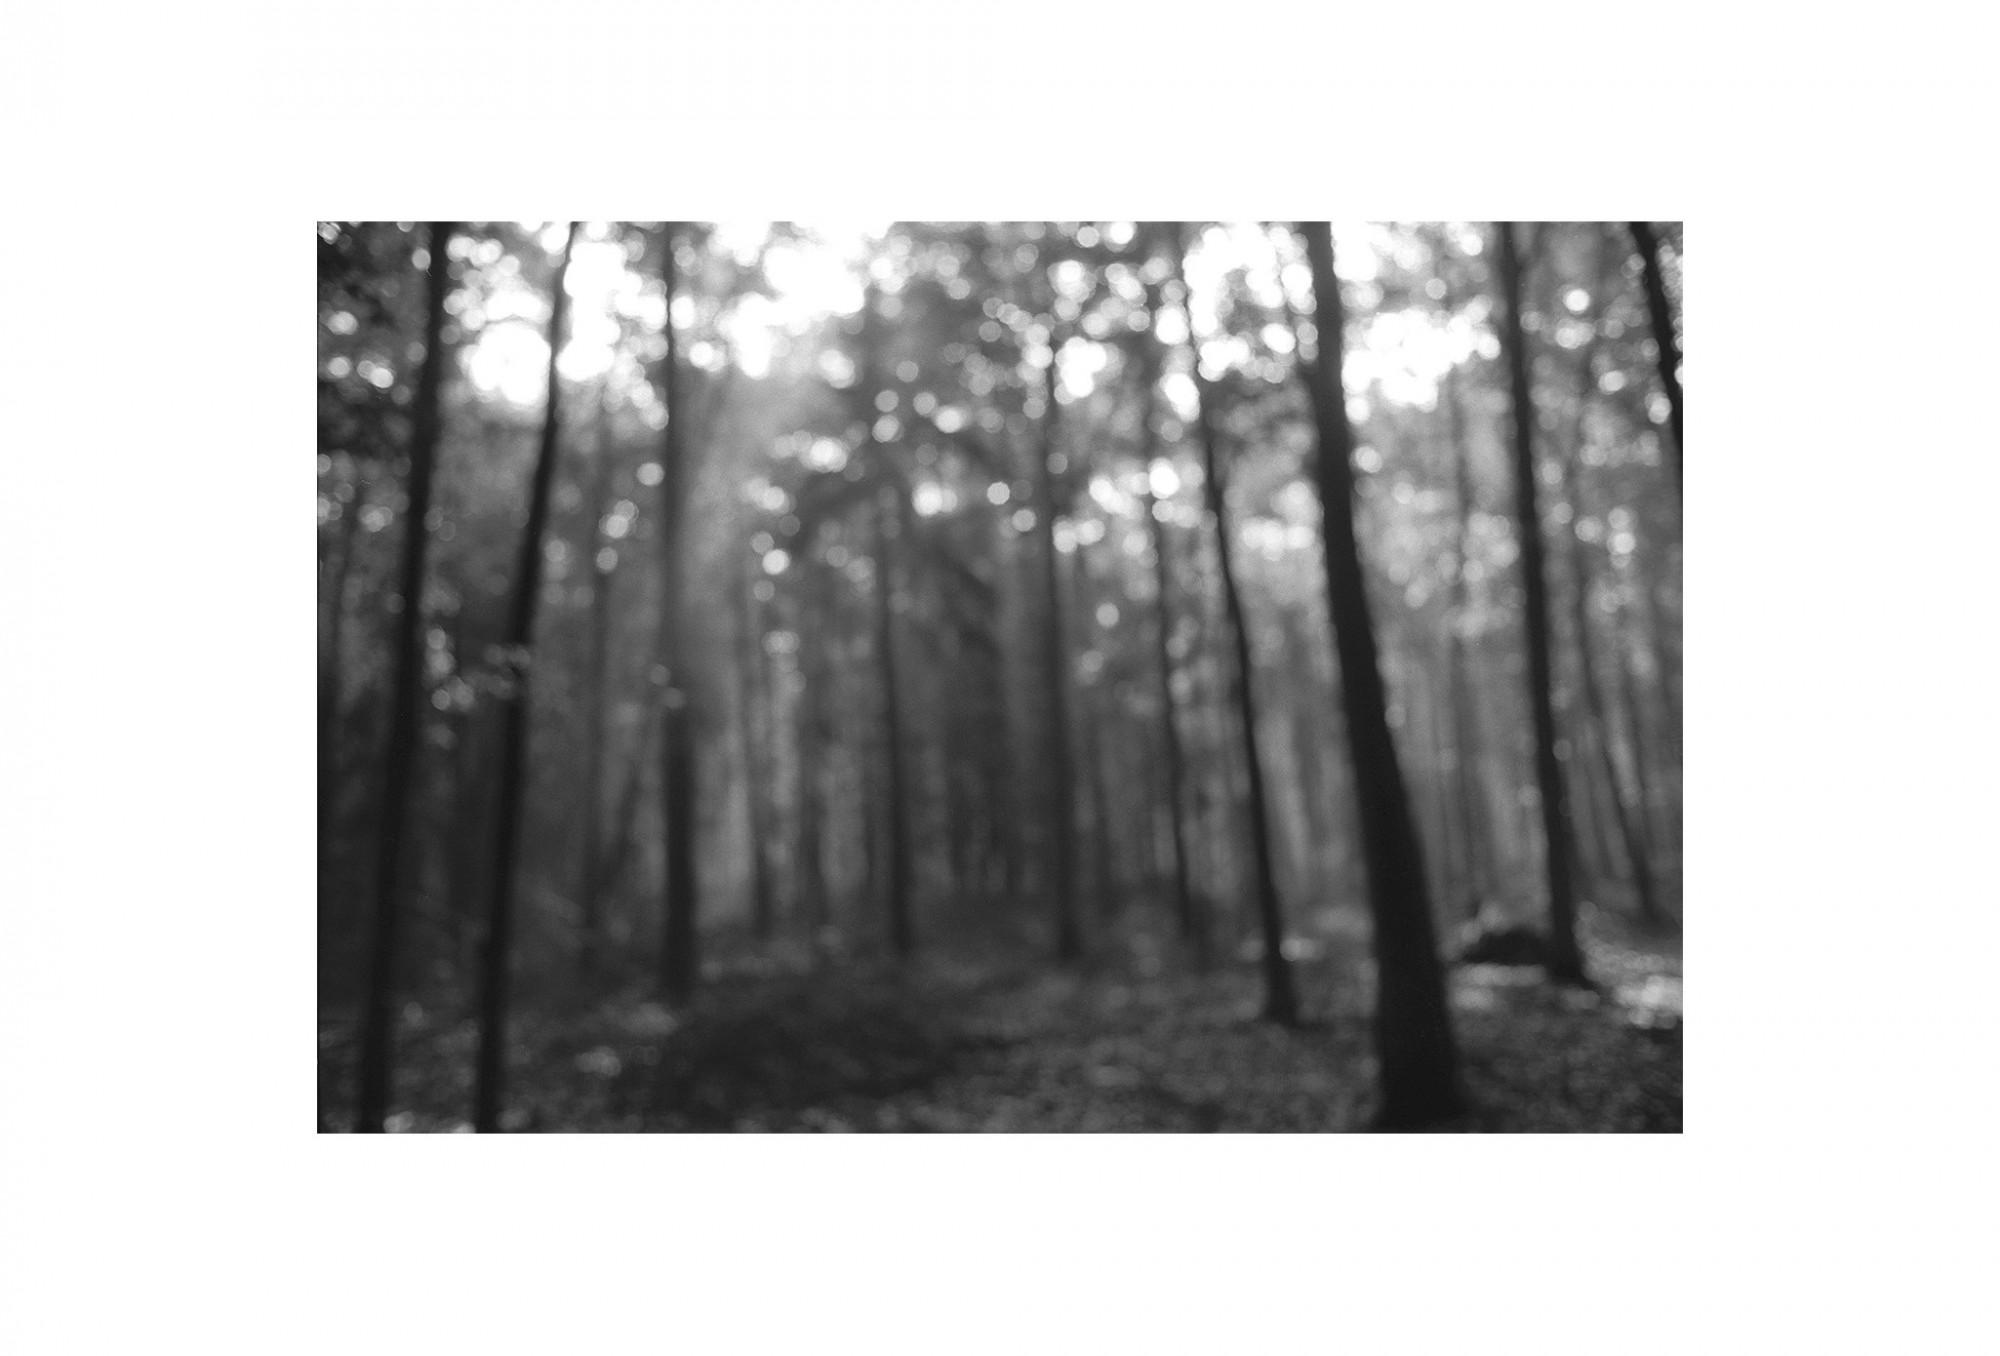 Afbeelding: Uit de reeks: Bomen en het licht daarom heen. - nr. 96-44-16, fotokunst Dominique Van Huffel.